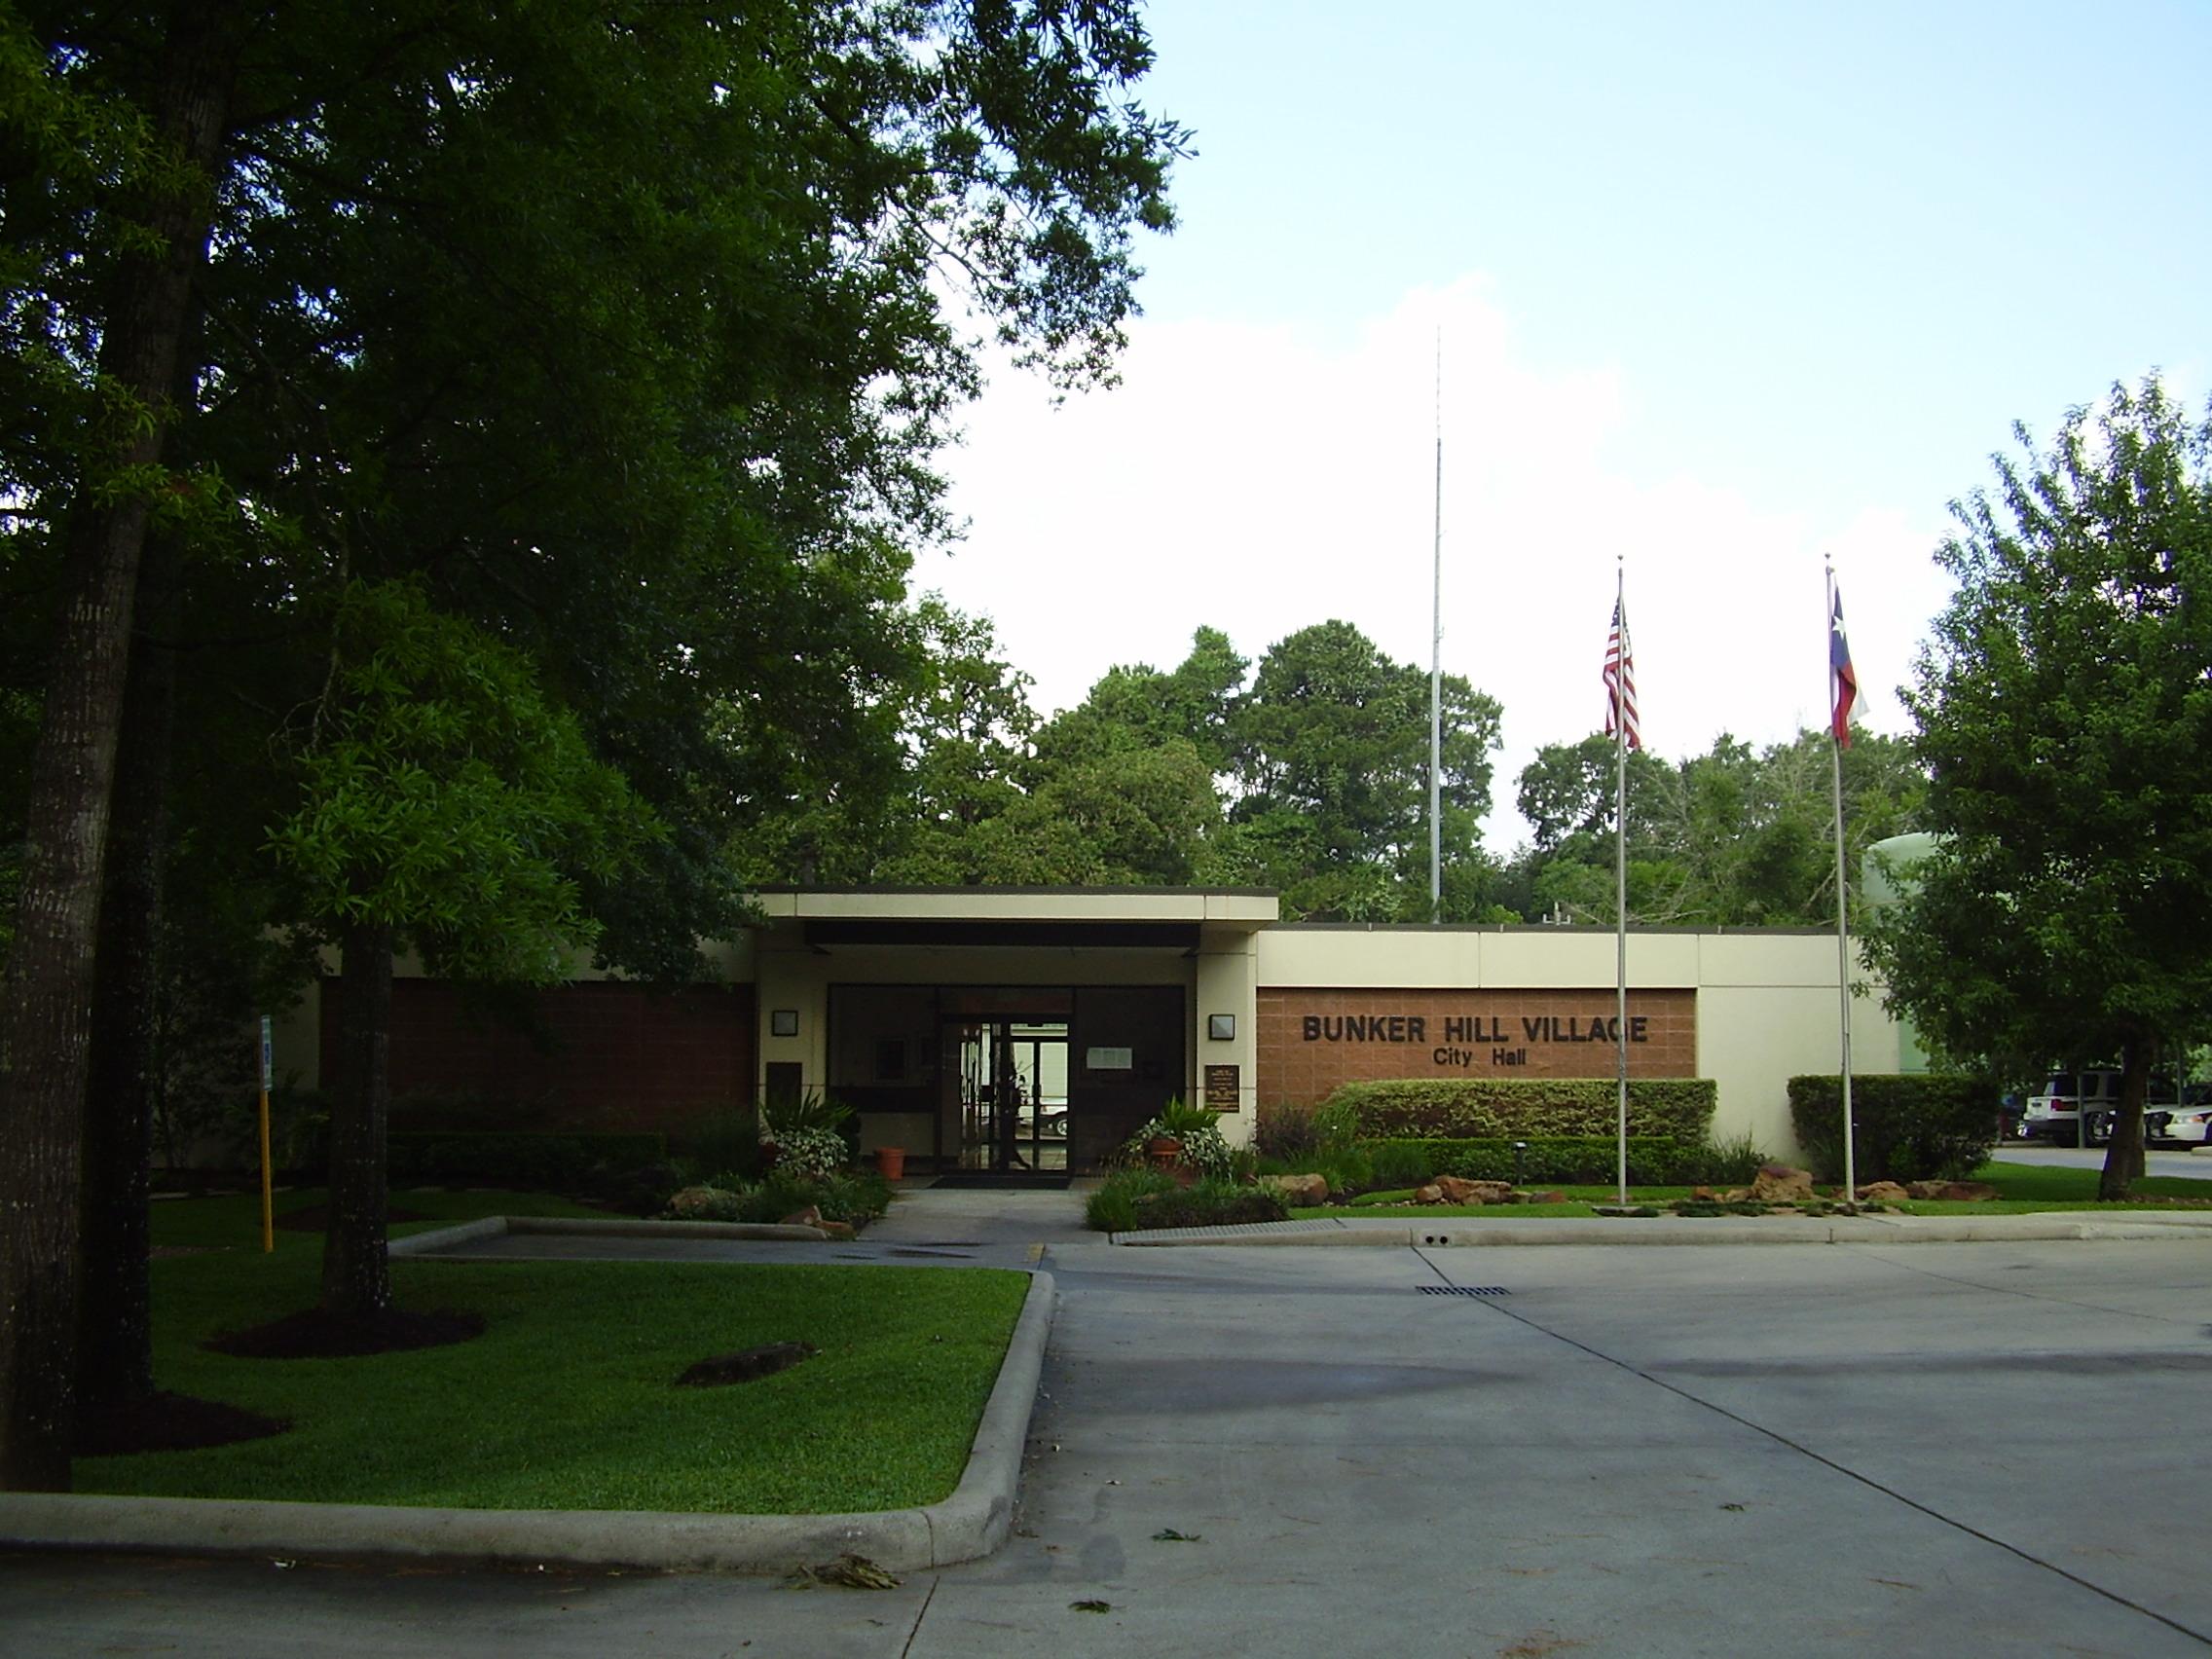 بانکر هیل ویلج، تگزاس